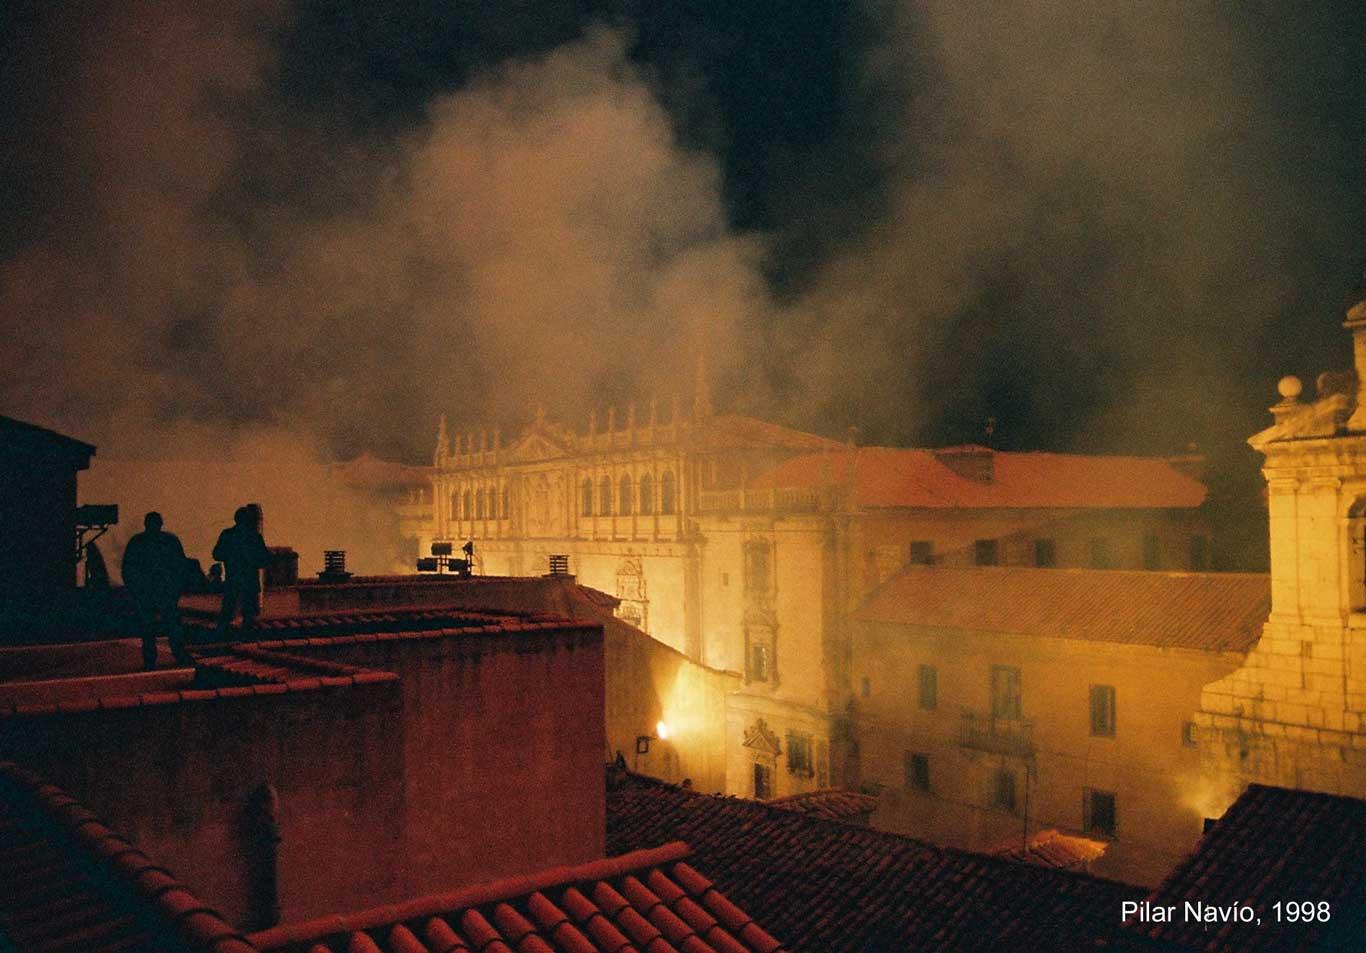 declaracion-ciudad-patrimonio-humanidad-1998-pilar-navio-1